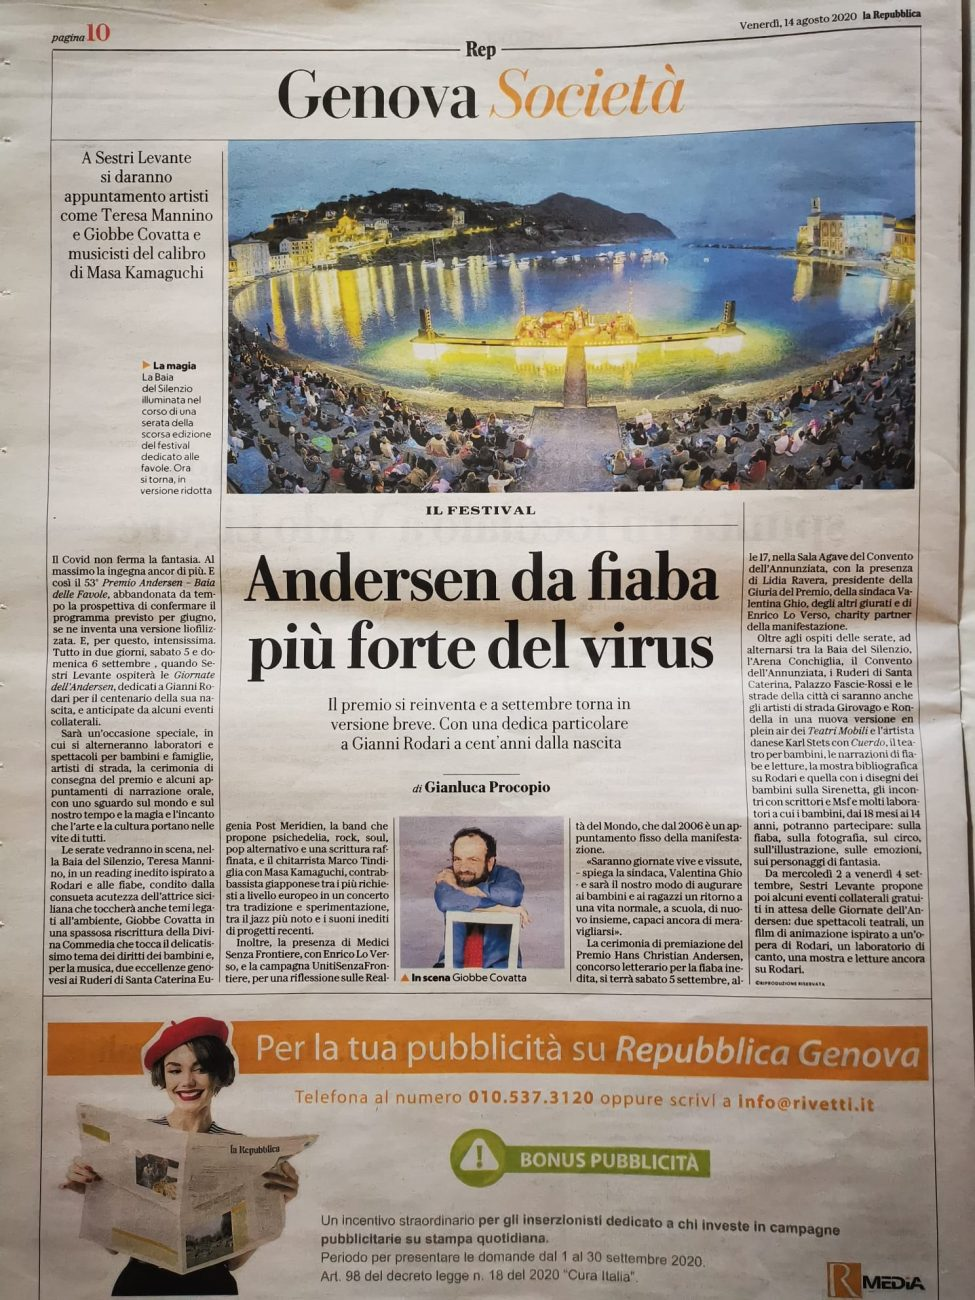 la Repubblica – VENERDì 14 AGOSTO 2020